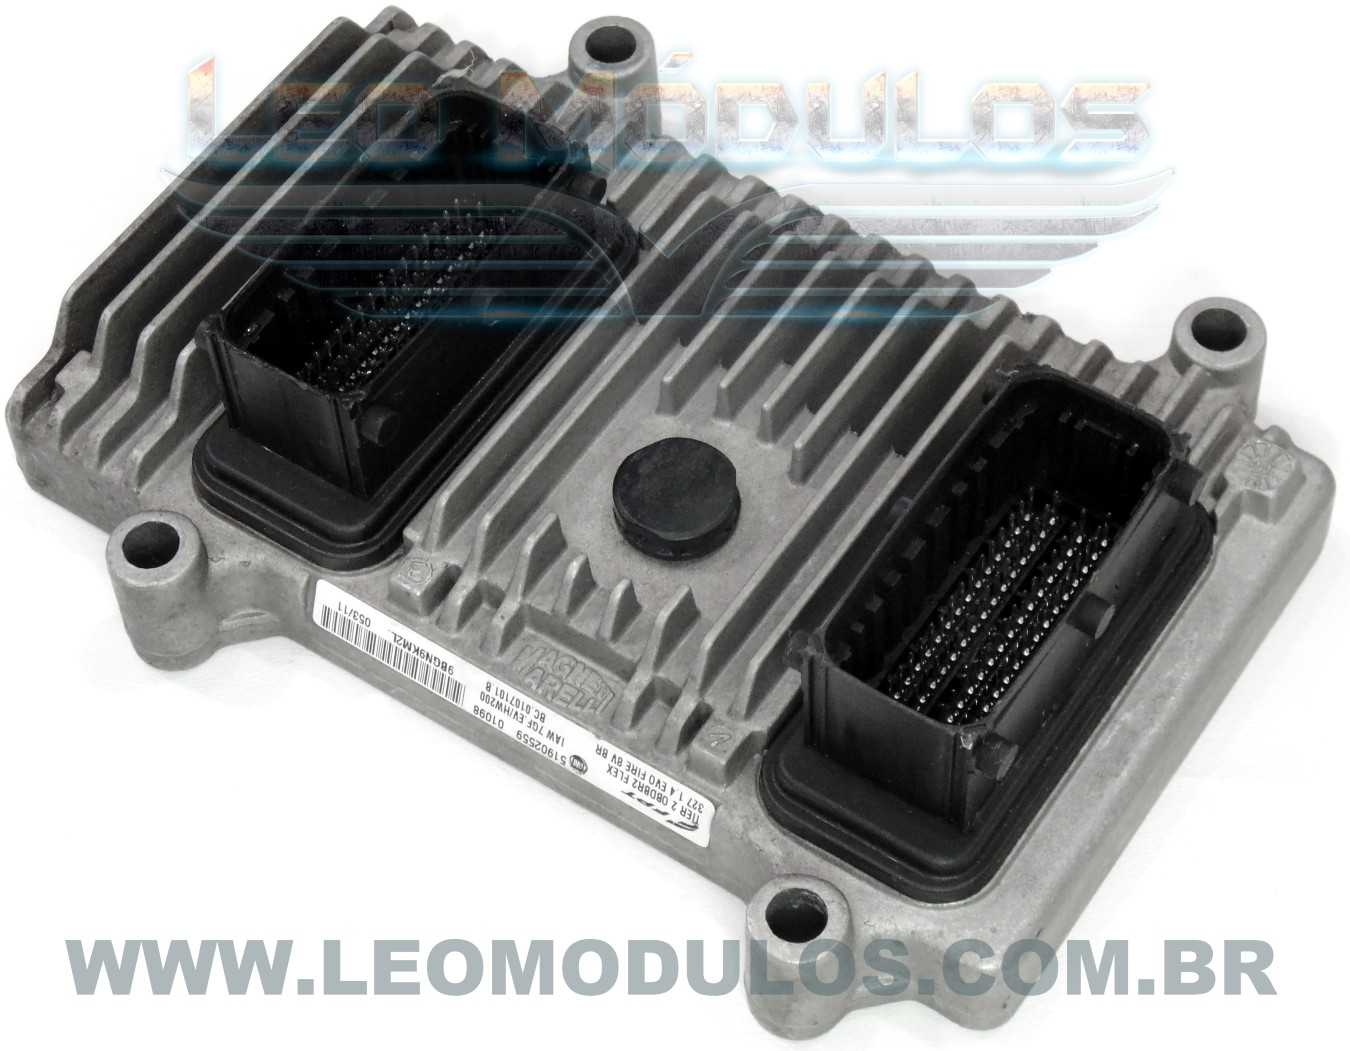 Módulo de injeção marelli - IAW 7GF.EV - 51902559 - Fiat Uno Evo 1.4 8V Flex - BC.0107101.B IAW 7GFEV - Leo Módulos